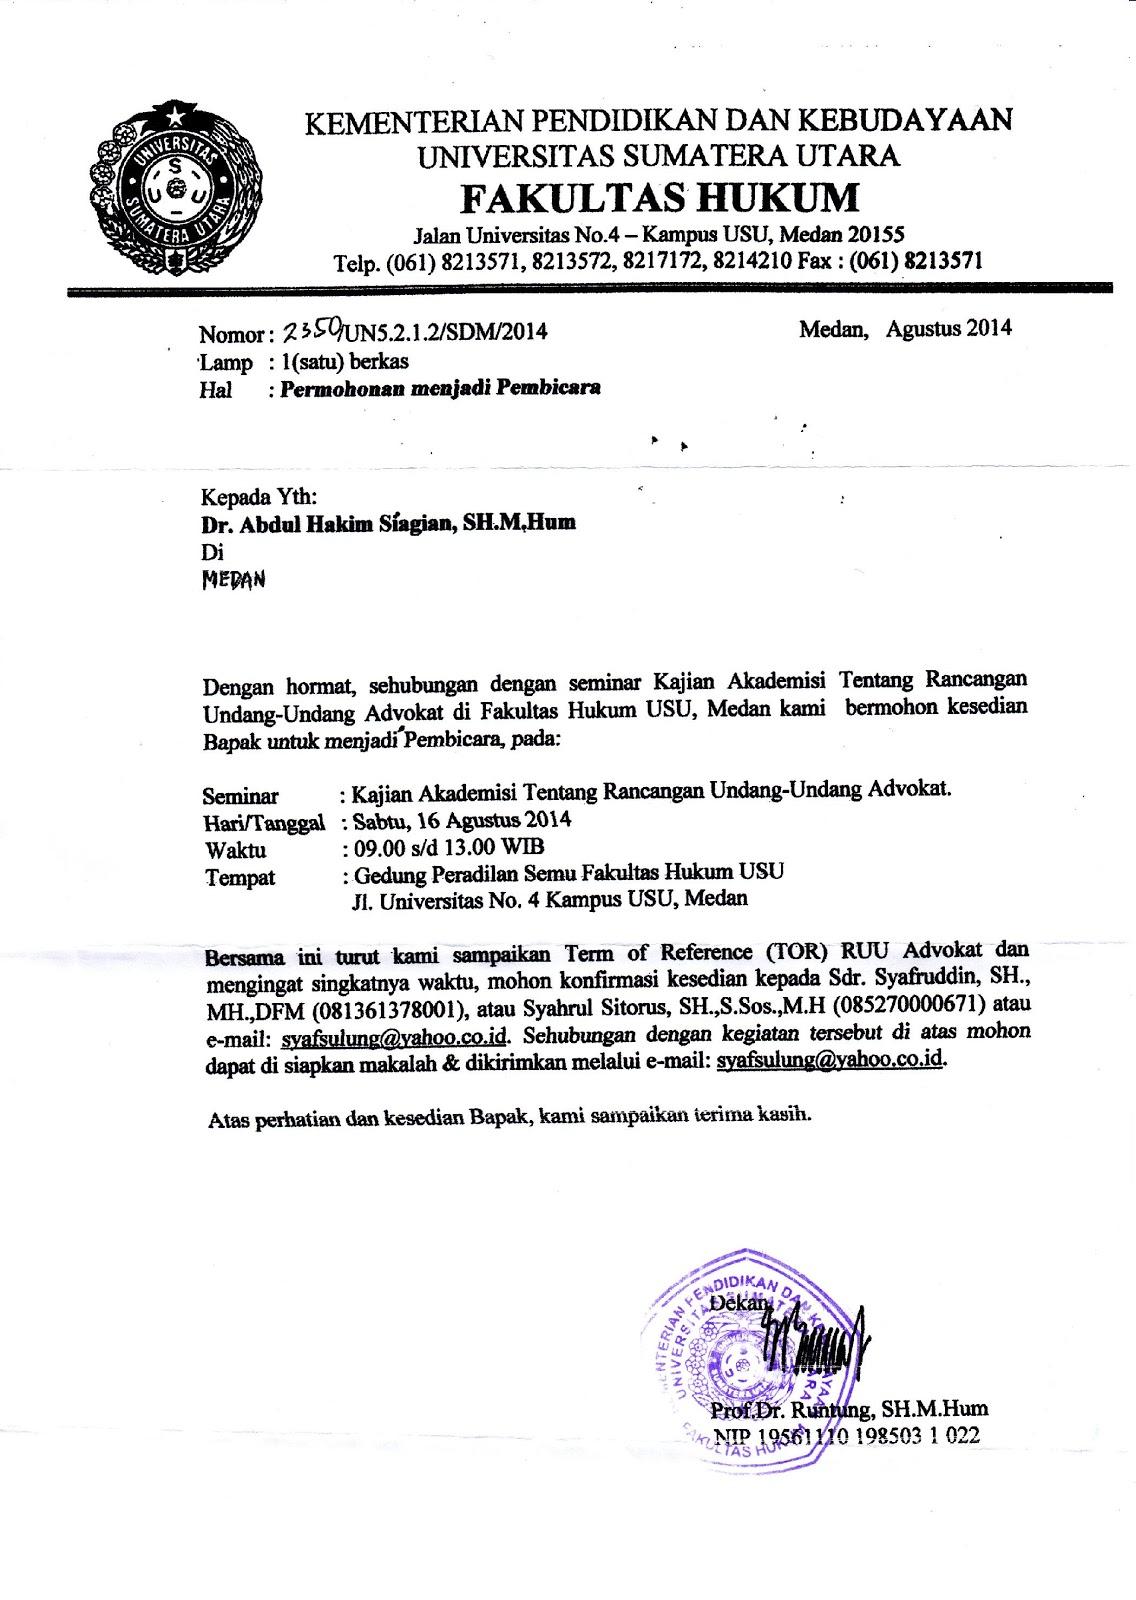 contoh surat permohonan narasumber kementrian